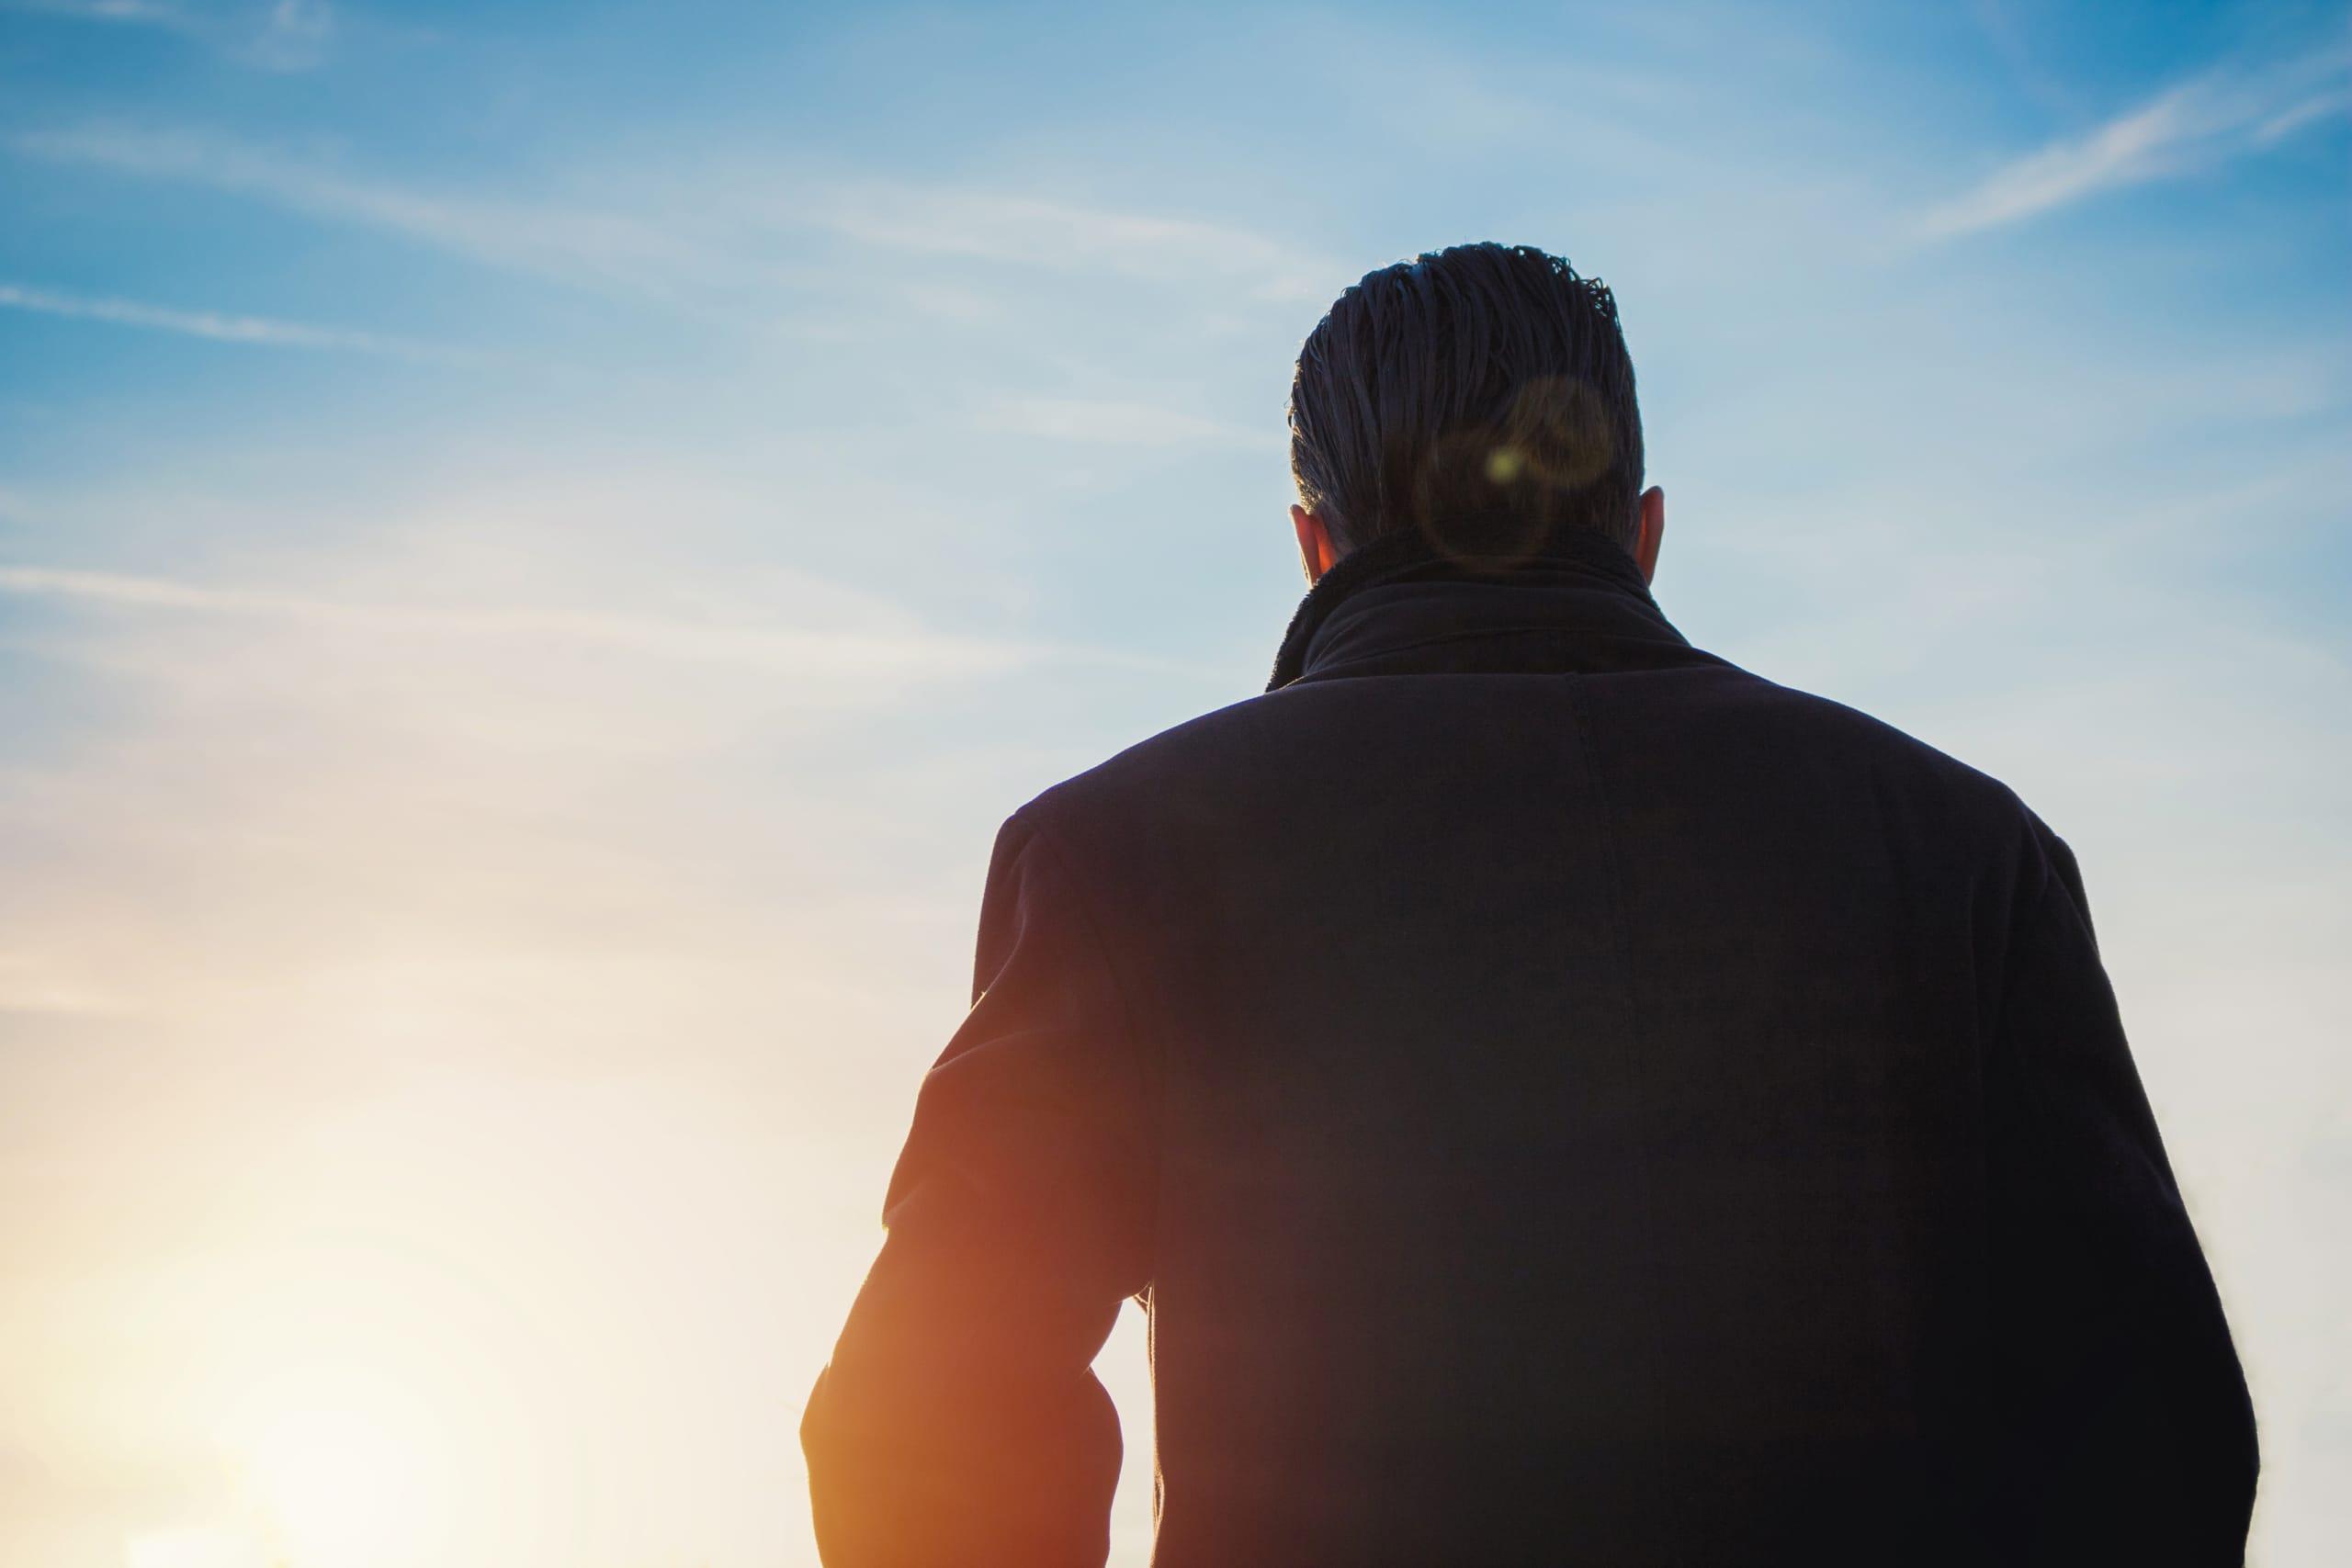 Mann im dunklen Mantel von hinten gegen den blauen Himmel fotografiert